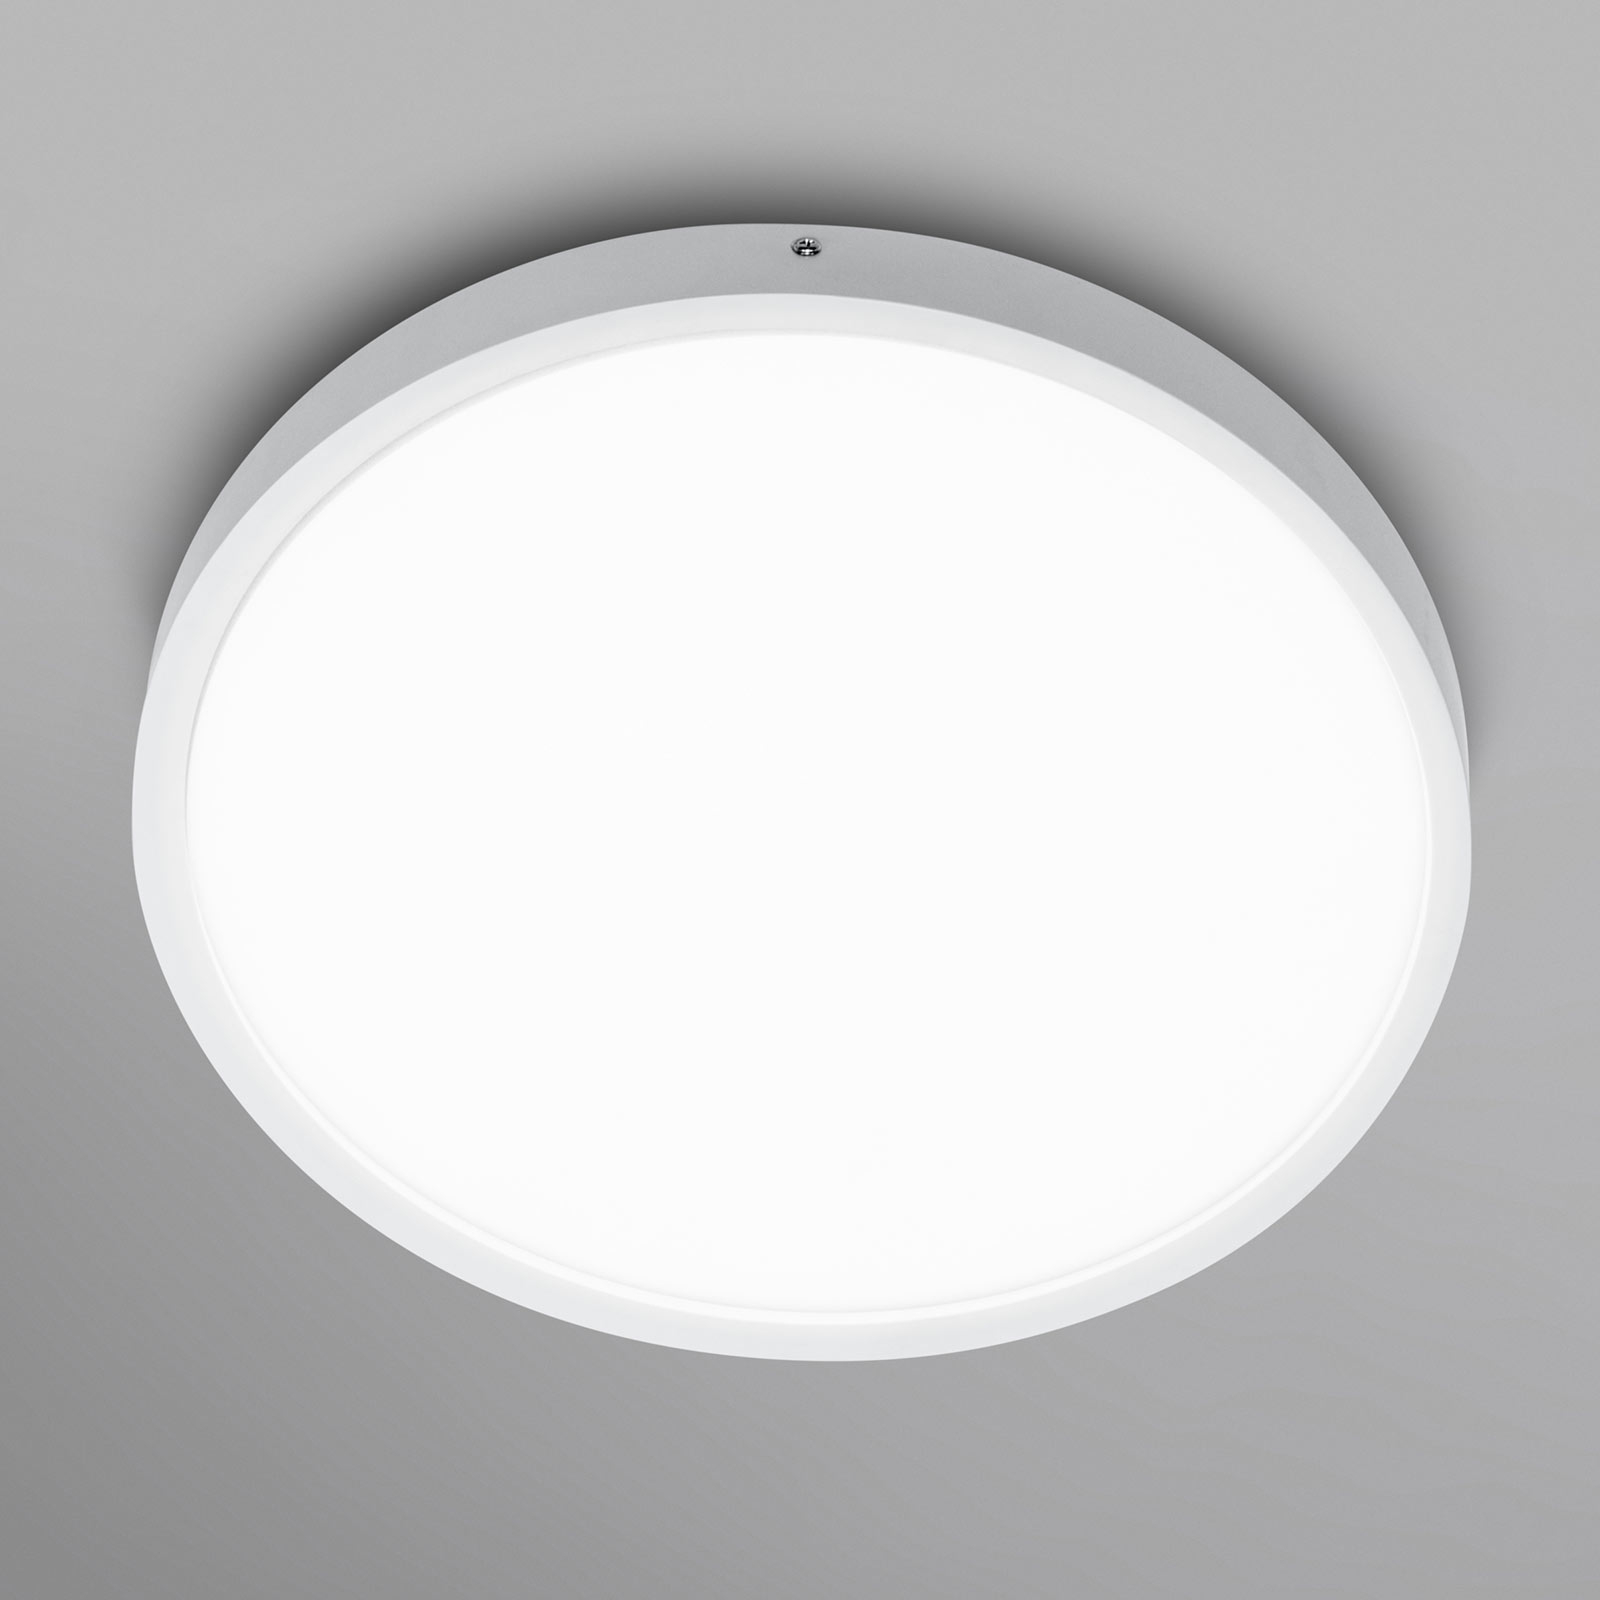 LEDVANCE Planon Round lampa sufitowa LED 60cm 840